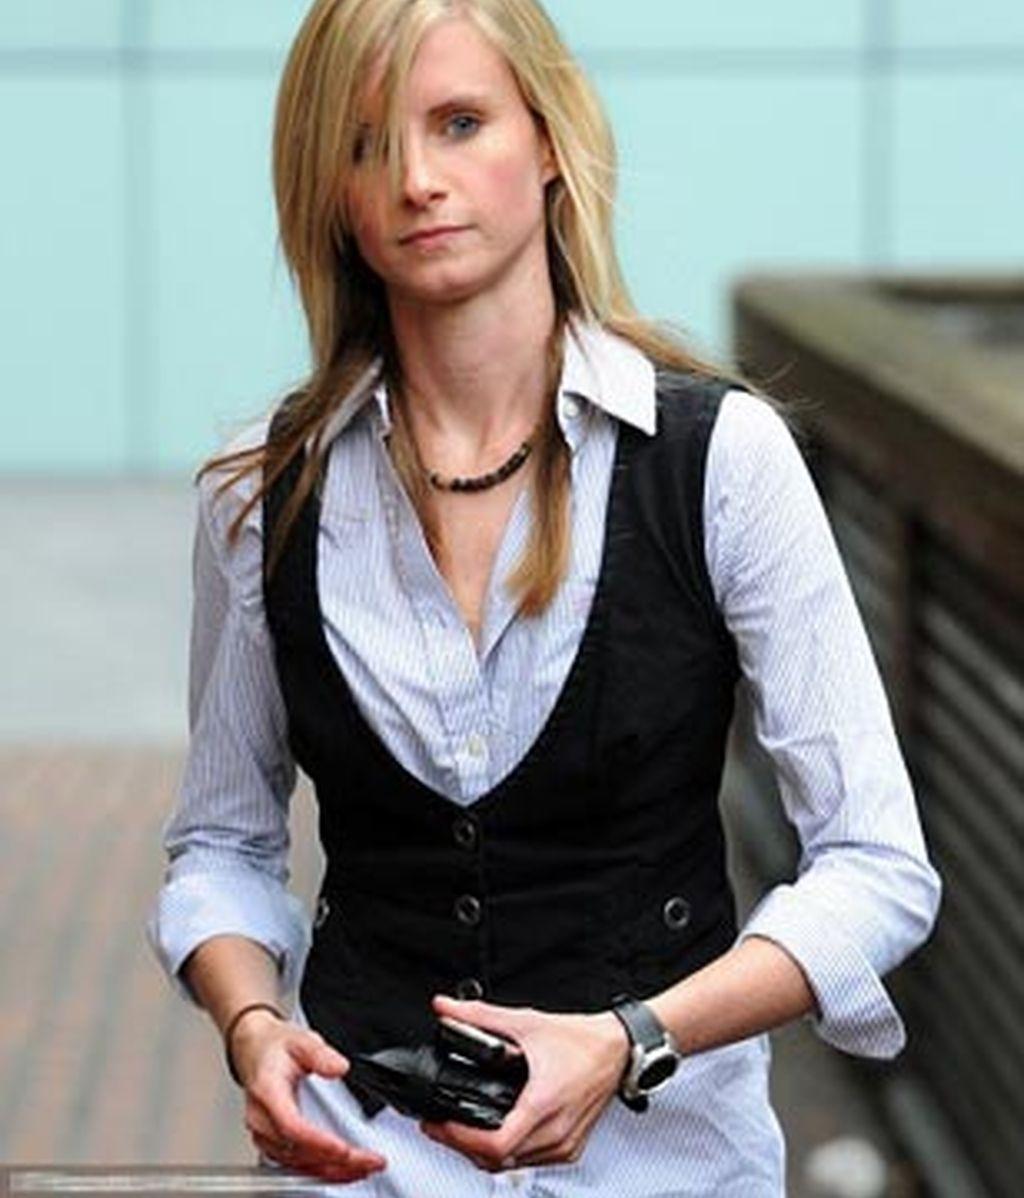 Helen Goddard a su llegada a la corte de Southwark Crown, donde fue condenada por mantener relaciones sexuales con una de sus alumnas menor de edad. Foto 'Daily Mail'